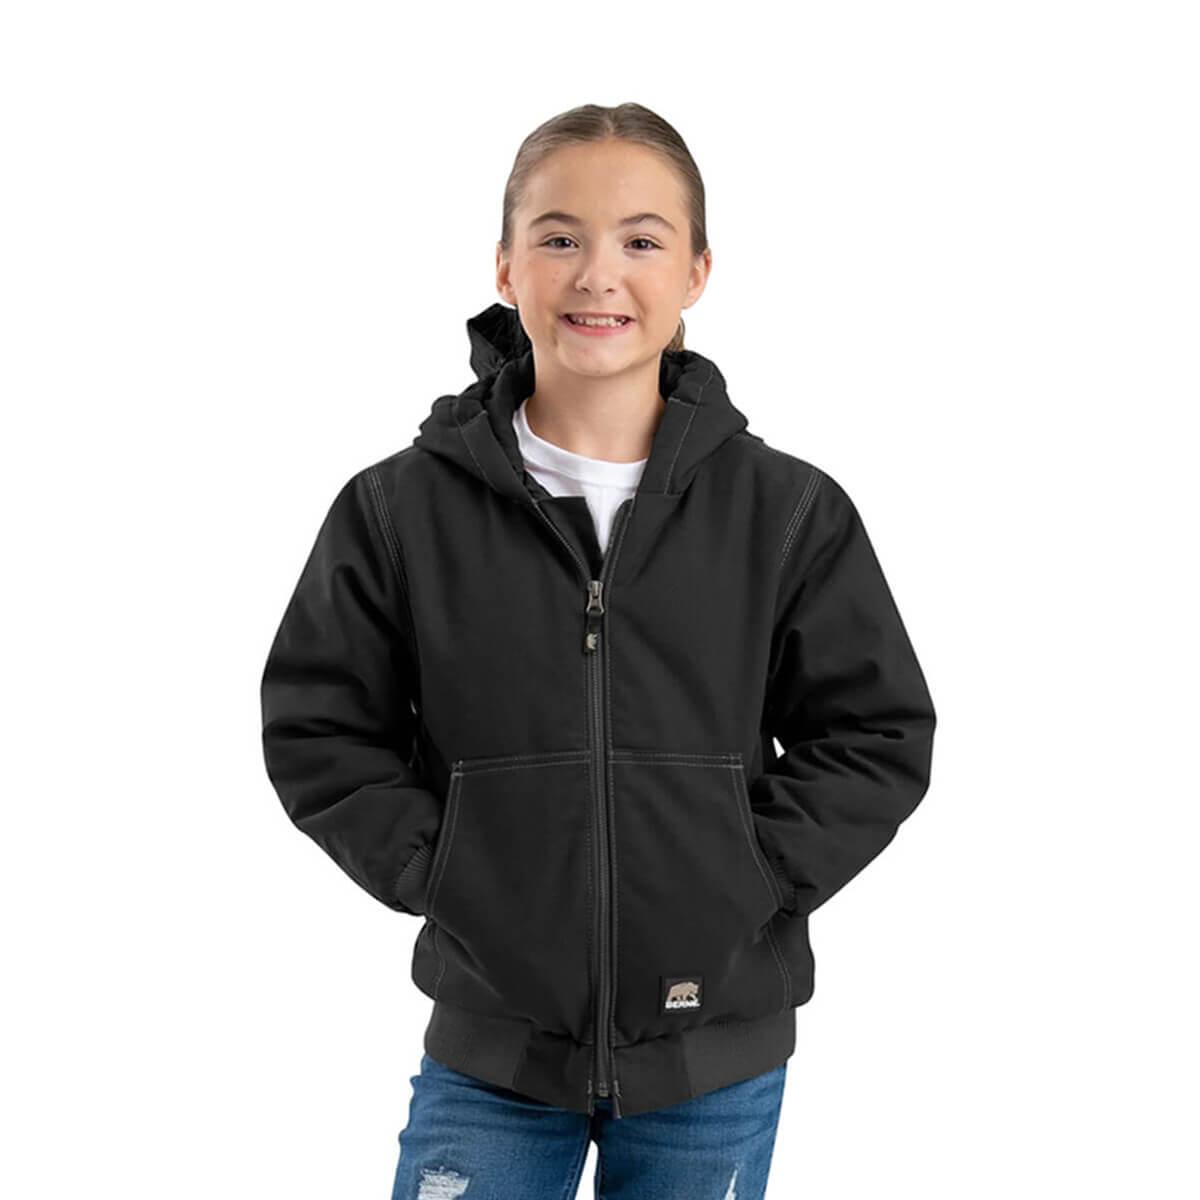 Youth Softstone Hooded Jacket - Black